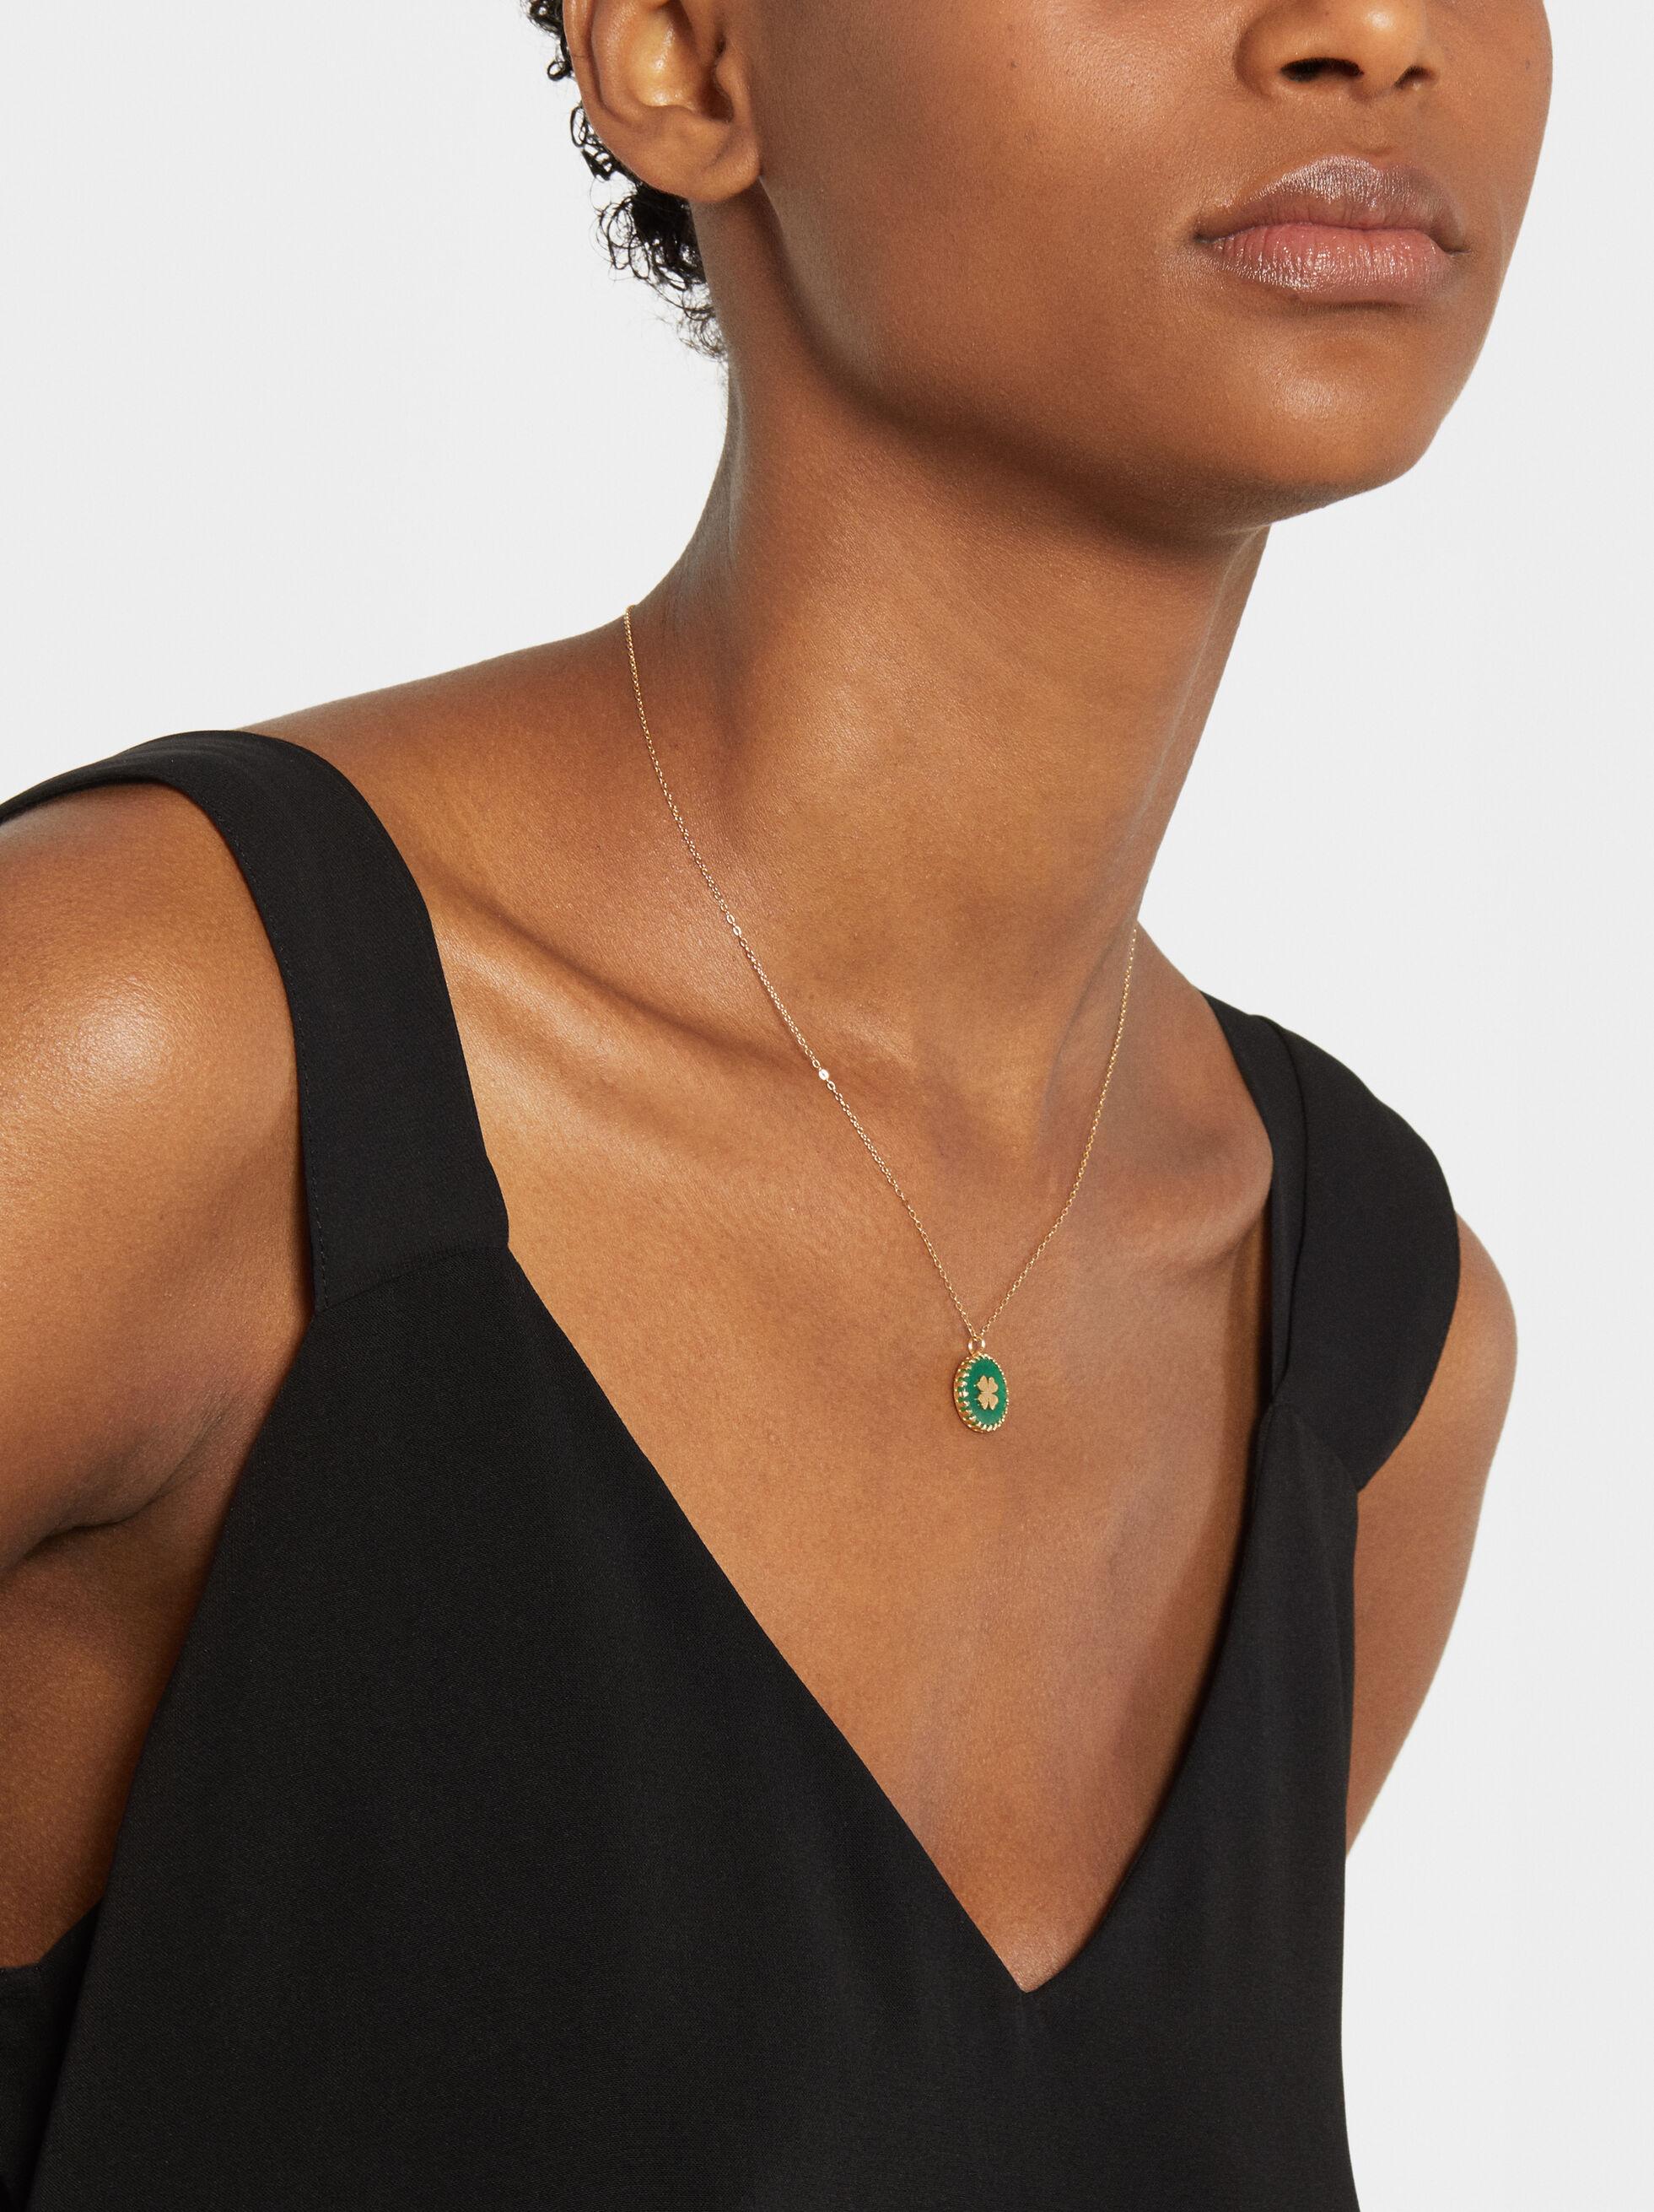 Short Silver 925 Shamrock Necklace, , hi-res